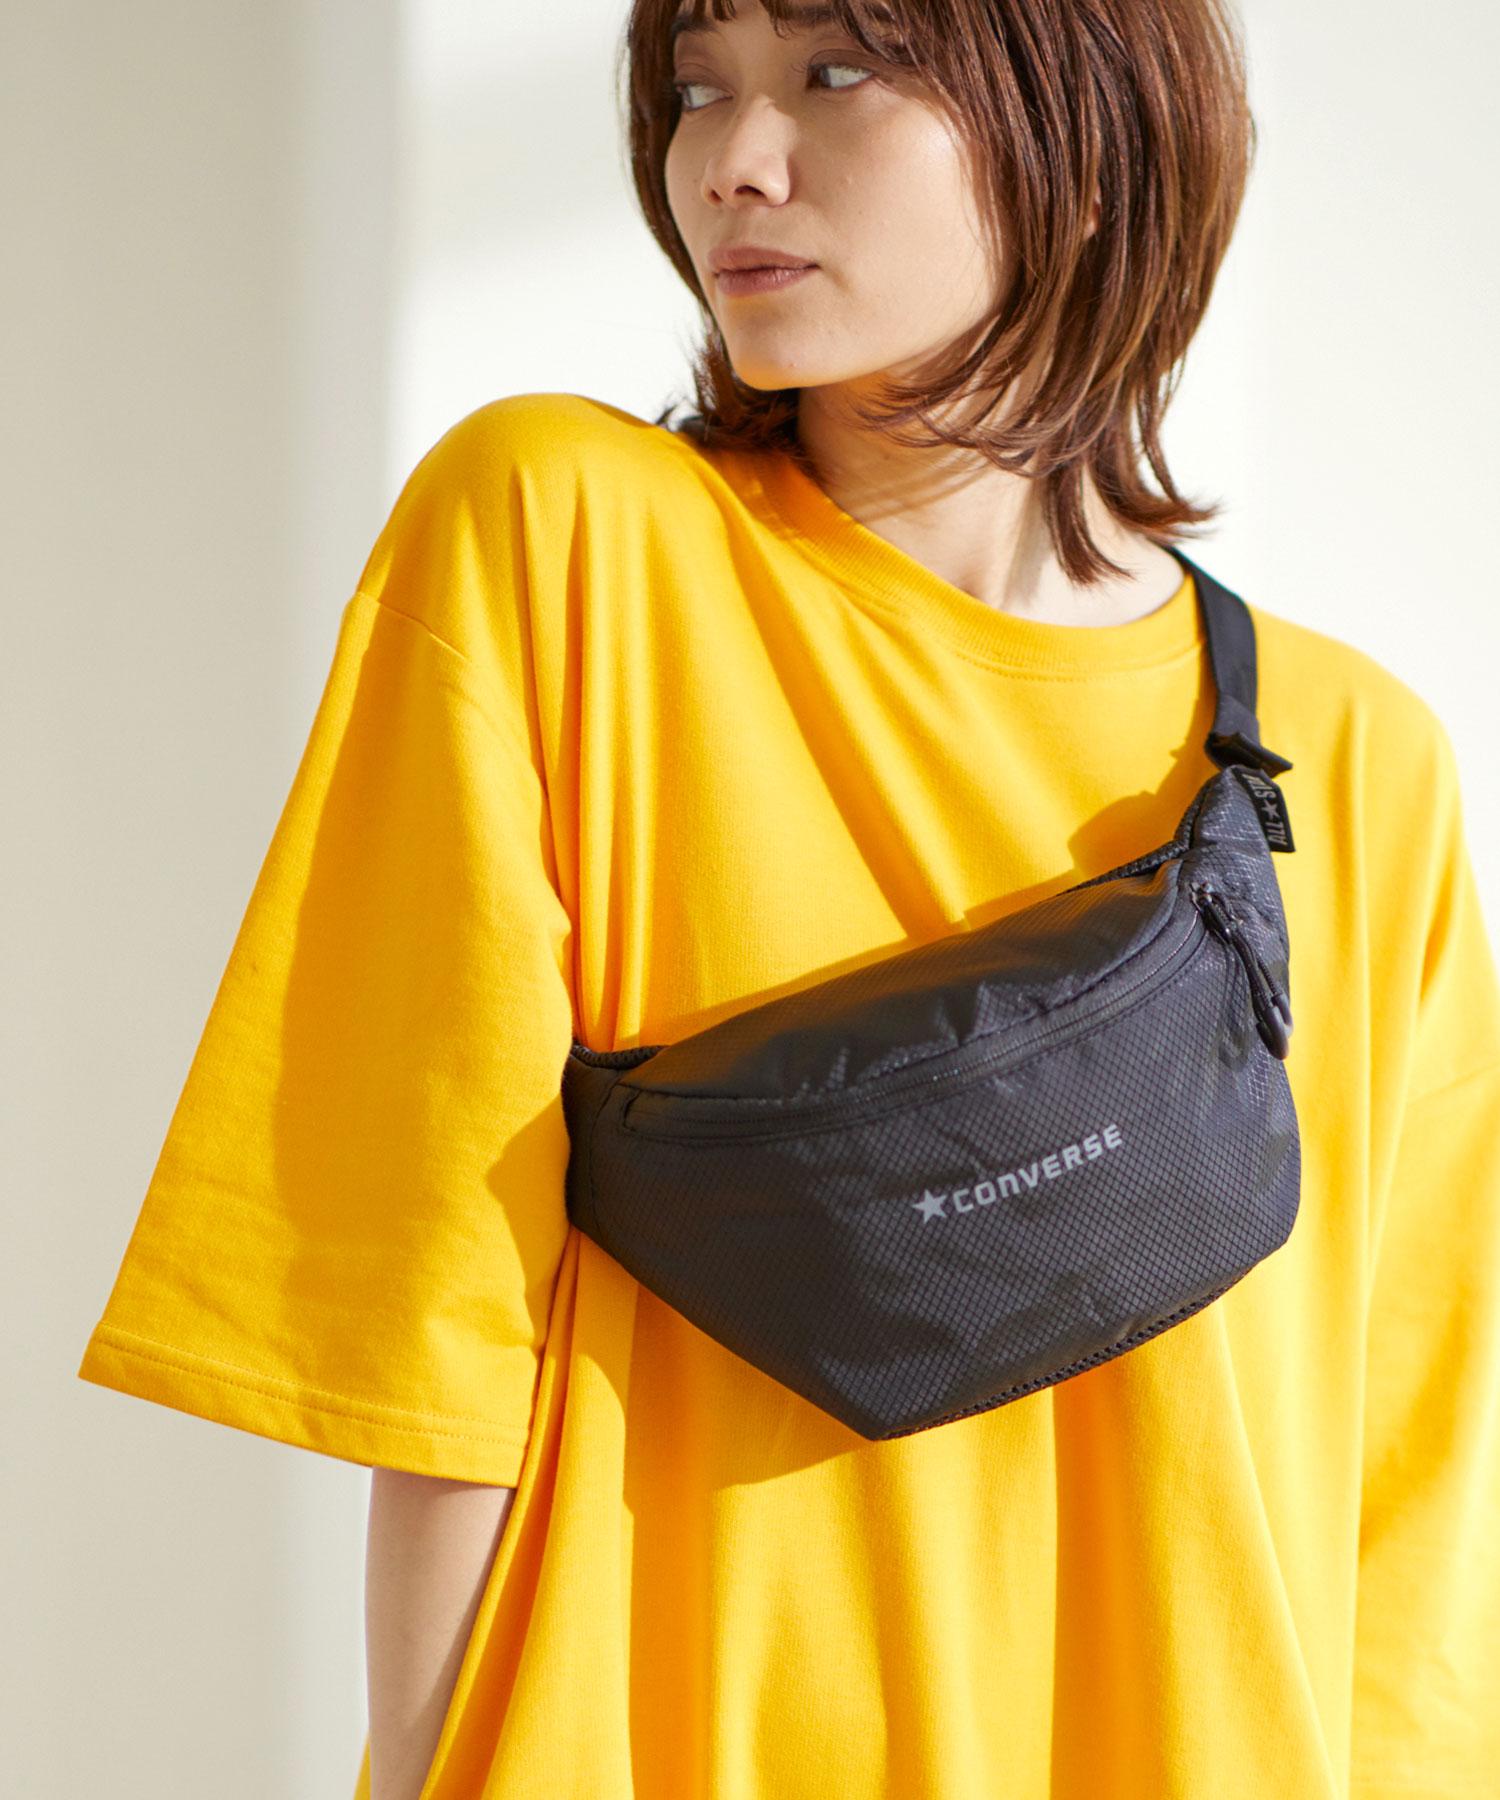 【CONVERSE WAIST BAG】コンバース リップ ロゴ ウエストバッグ